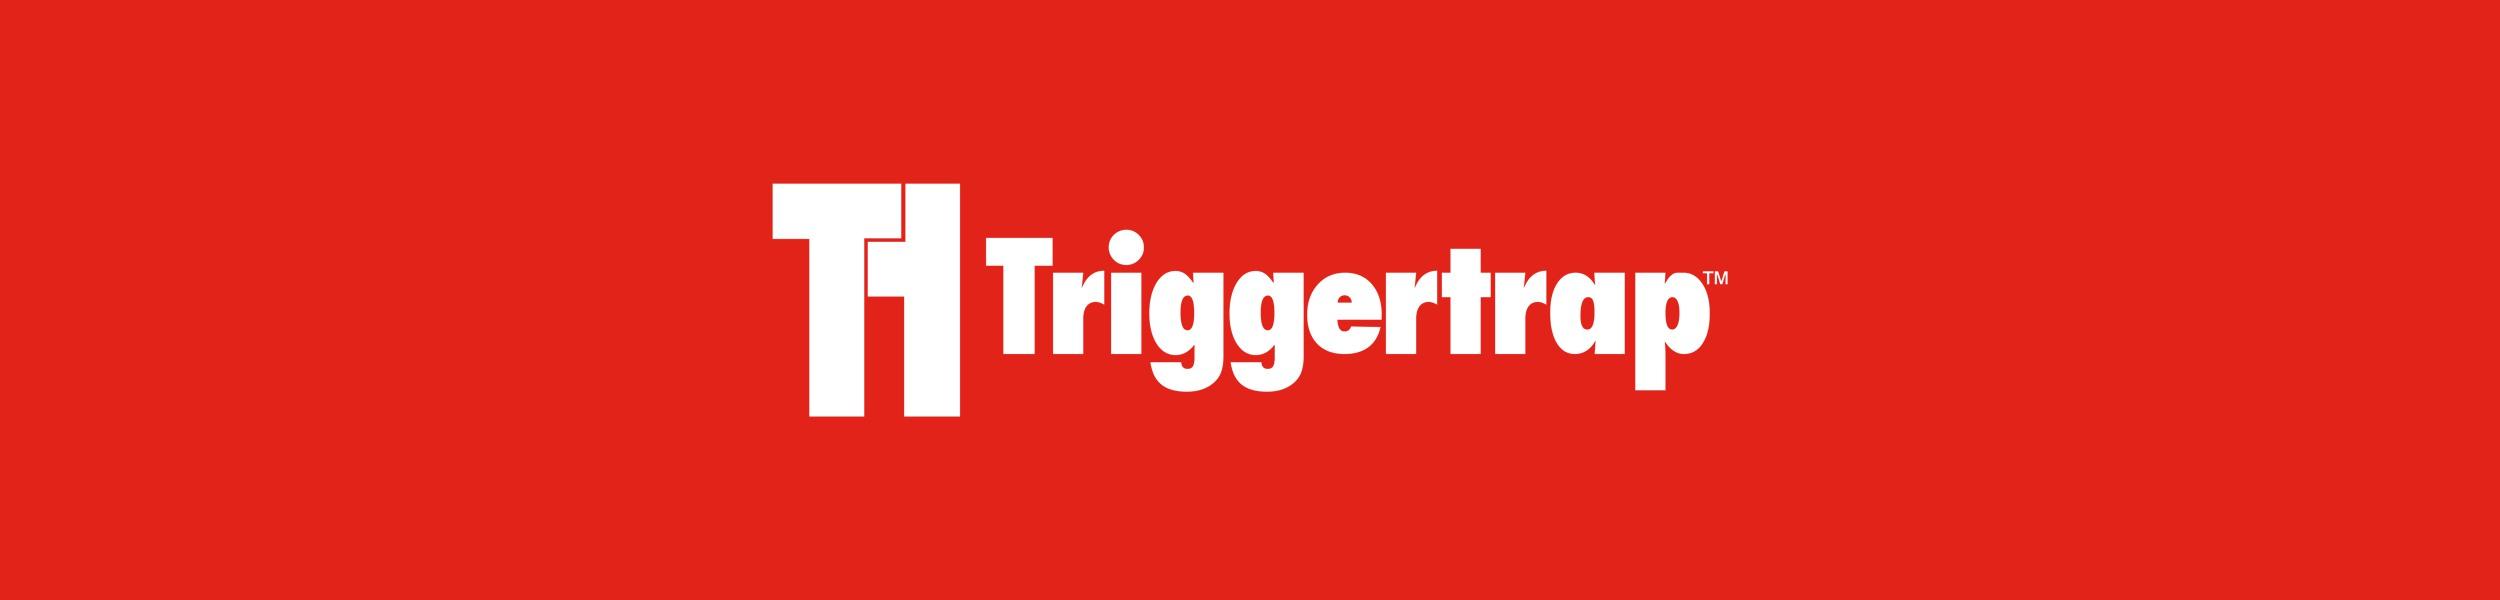 triggertap-timelapse.jpg